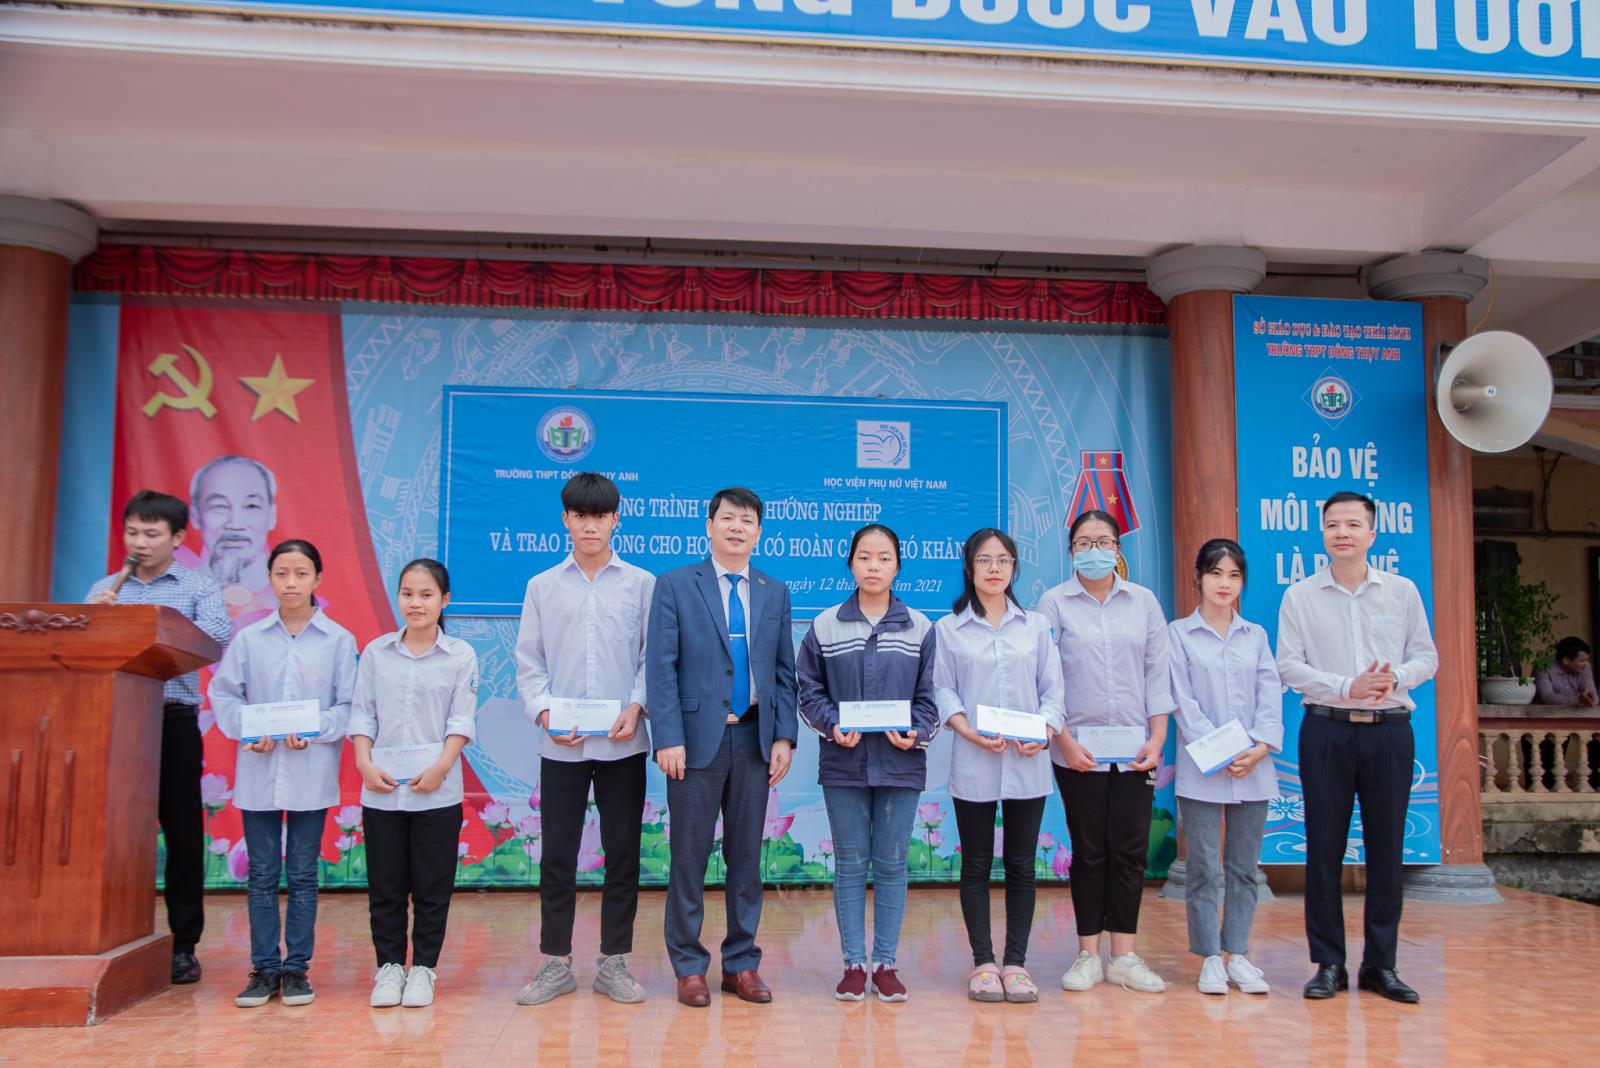 Hoạt động tư vấn hướng nghiệp tại Tỉnh Thái Bình